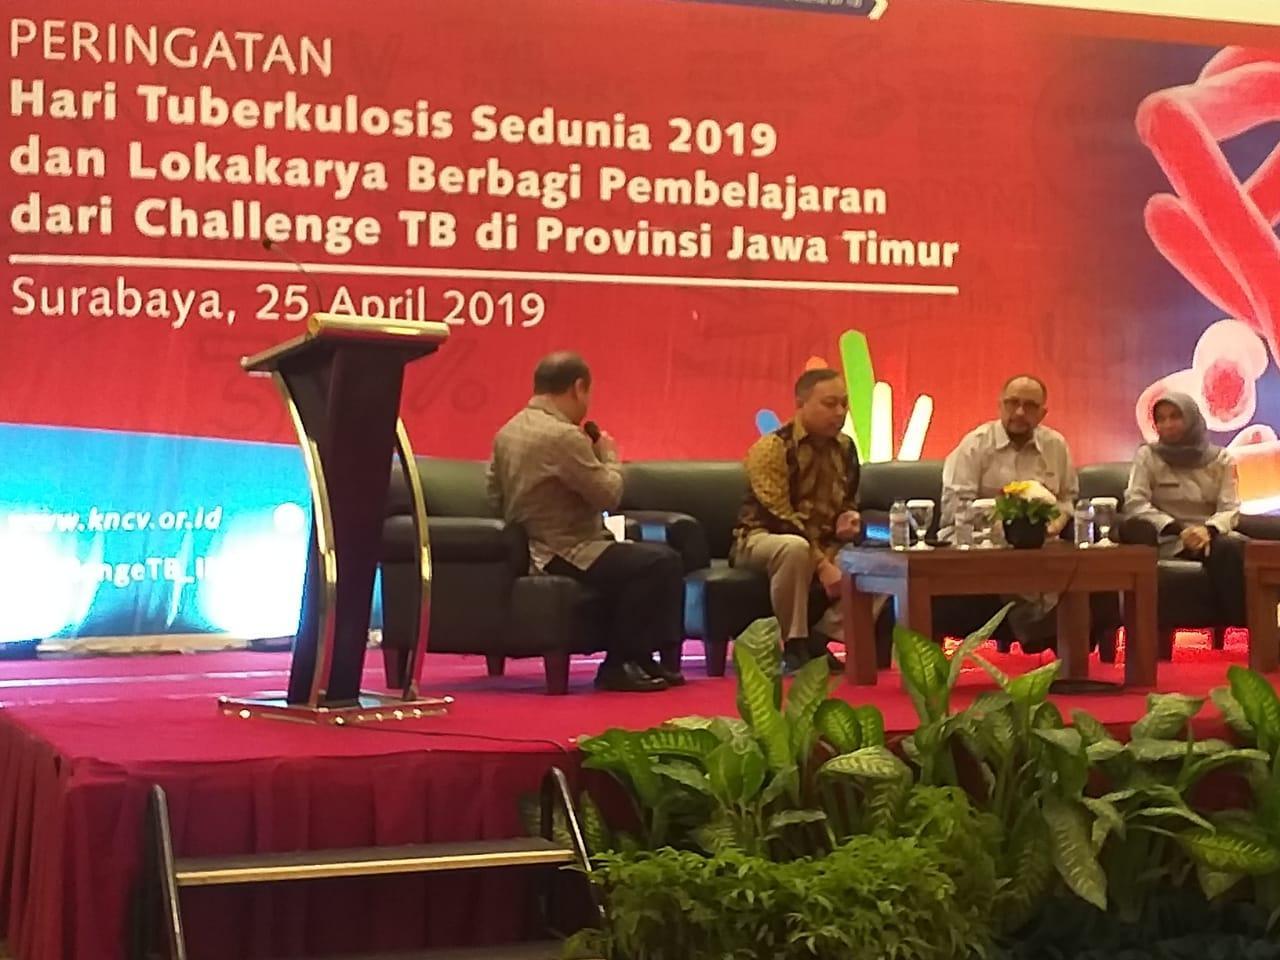 RSUD Tulungagung Terbaik  se-Jawa Timur Dalam Pengobatan Tubercolosis